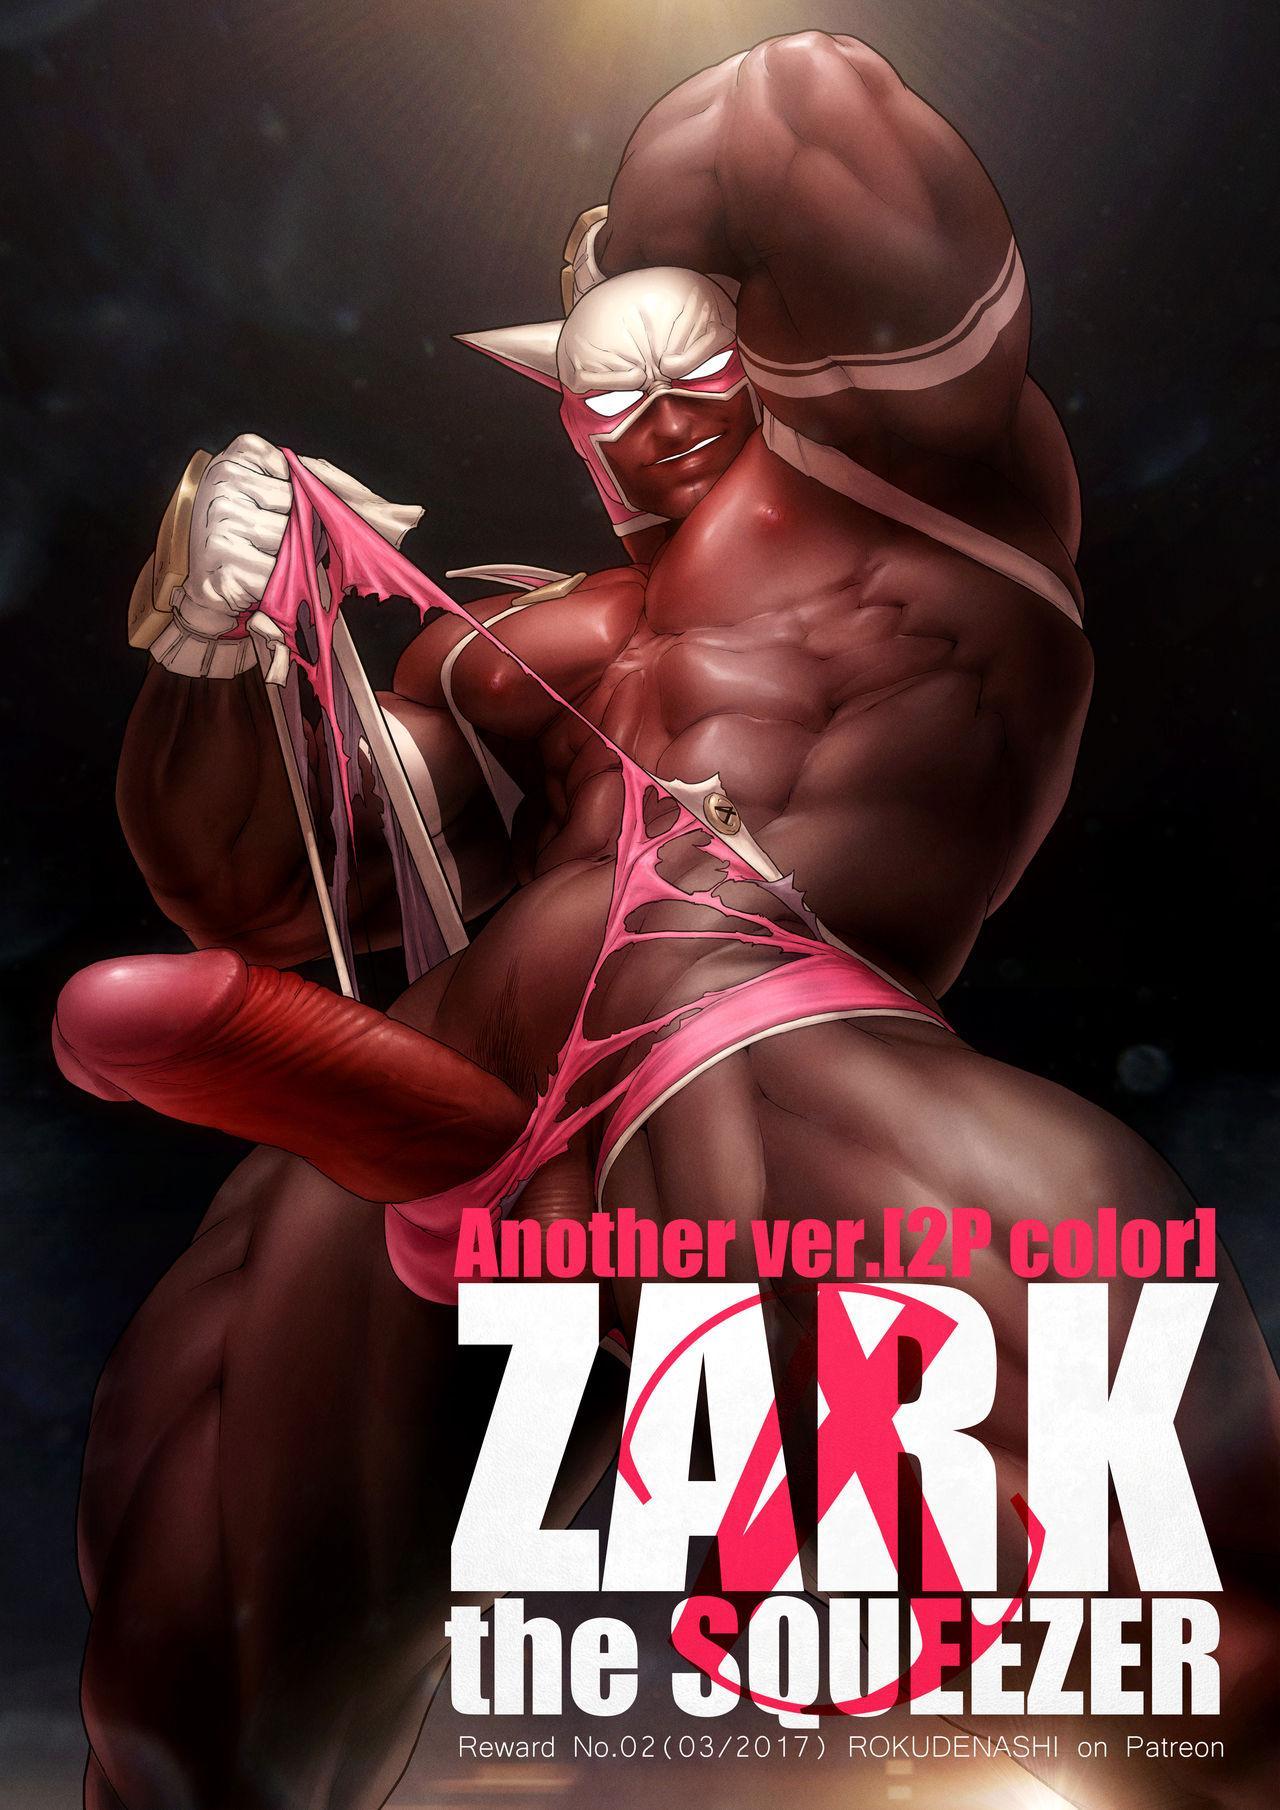 ZARK the SQUEEZER Another Ver. 0